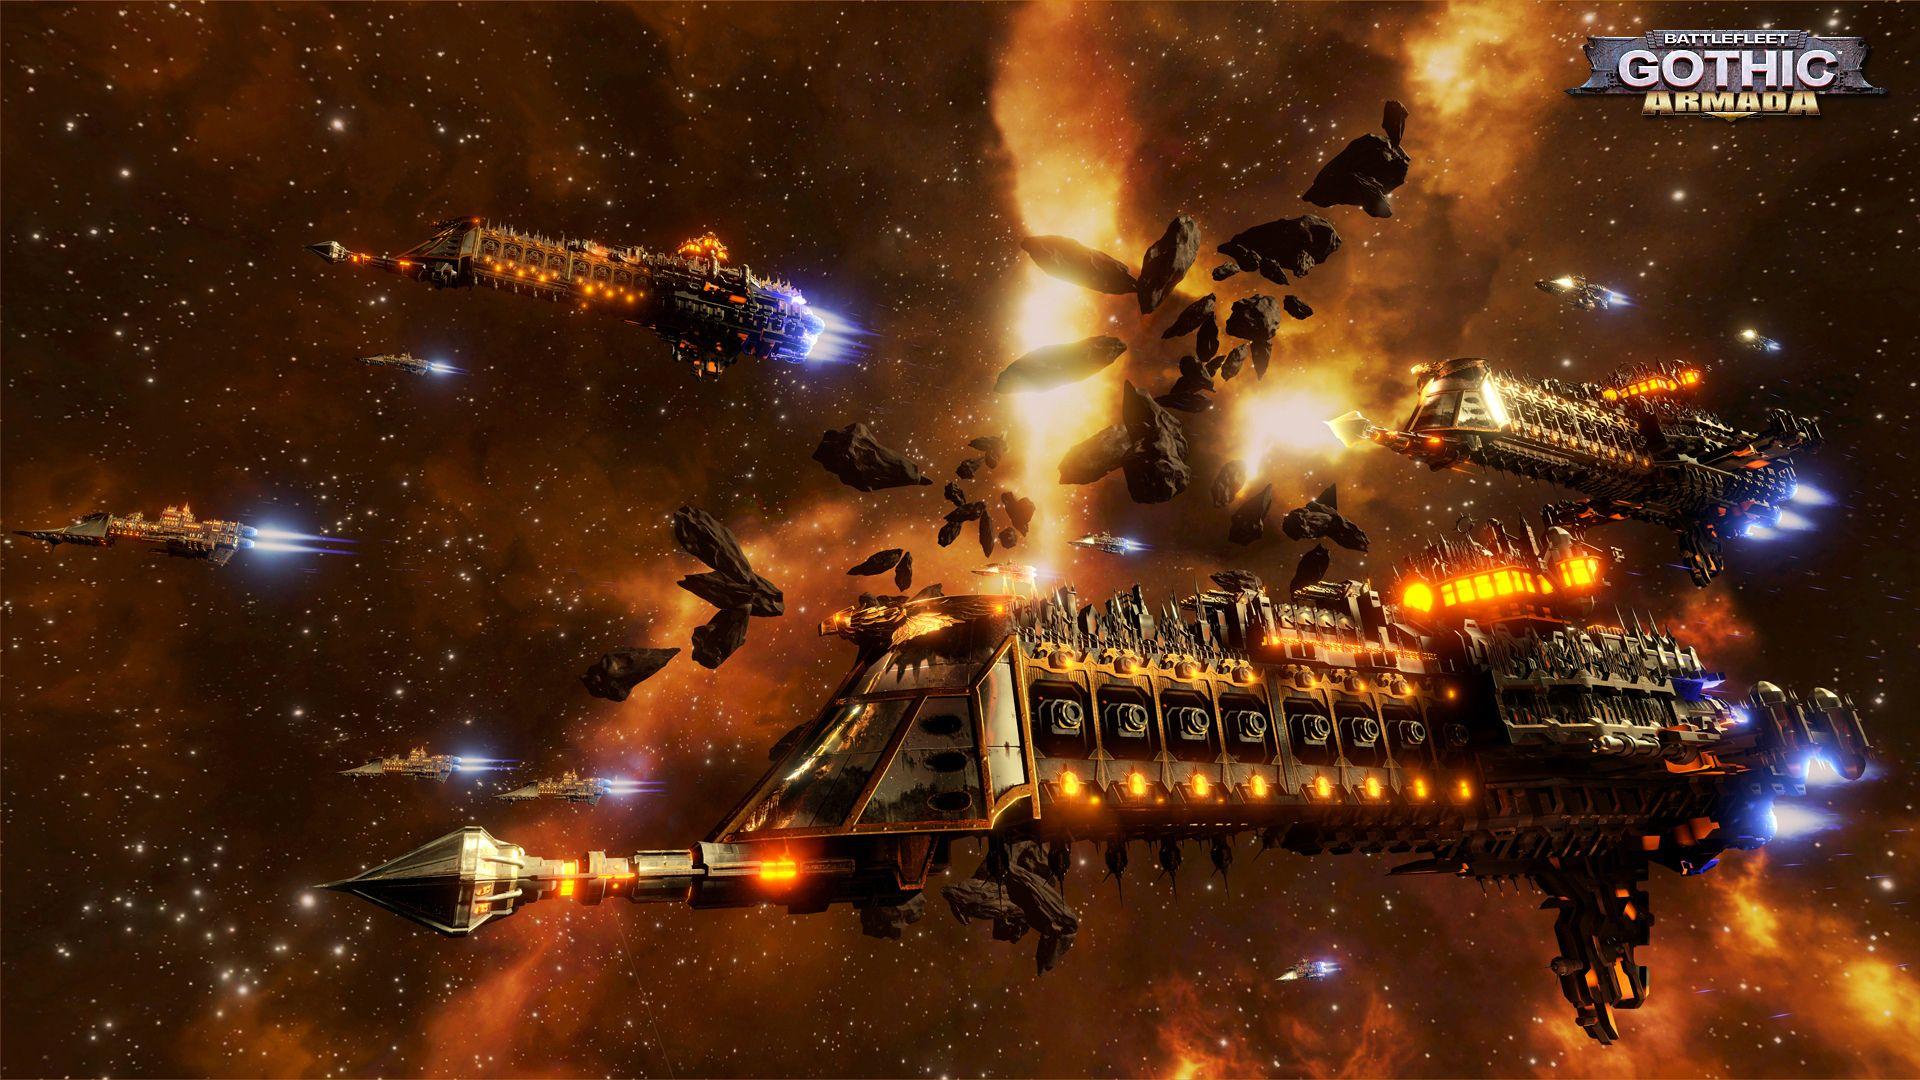 Video Game Battlefleet Gothic Armada Battle Spaceship